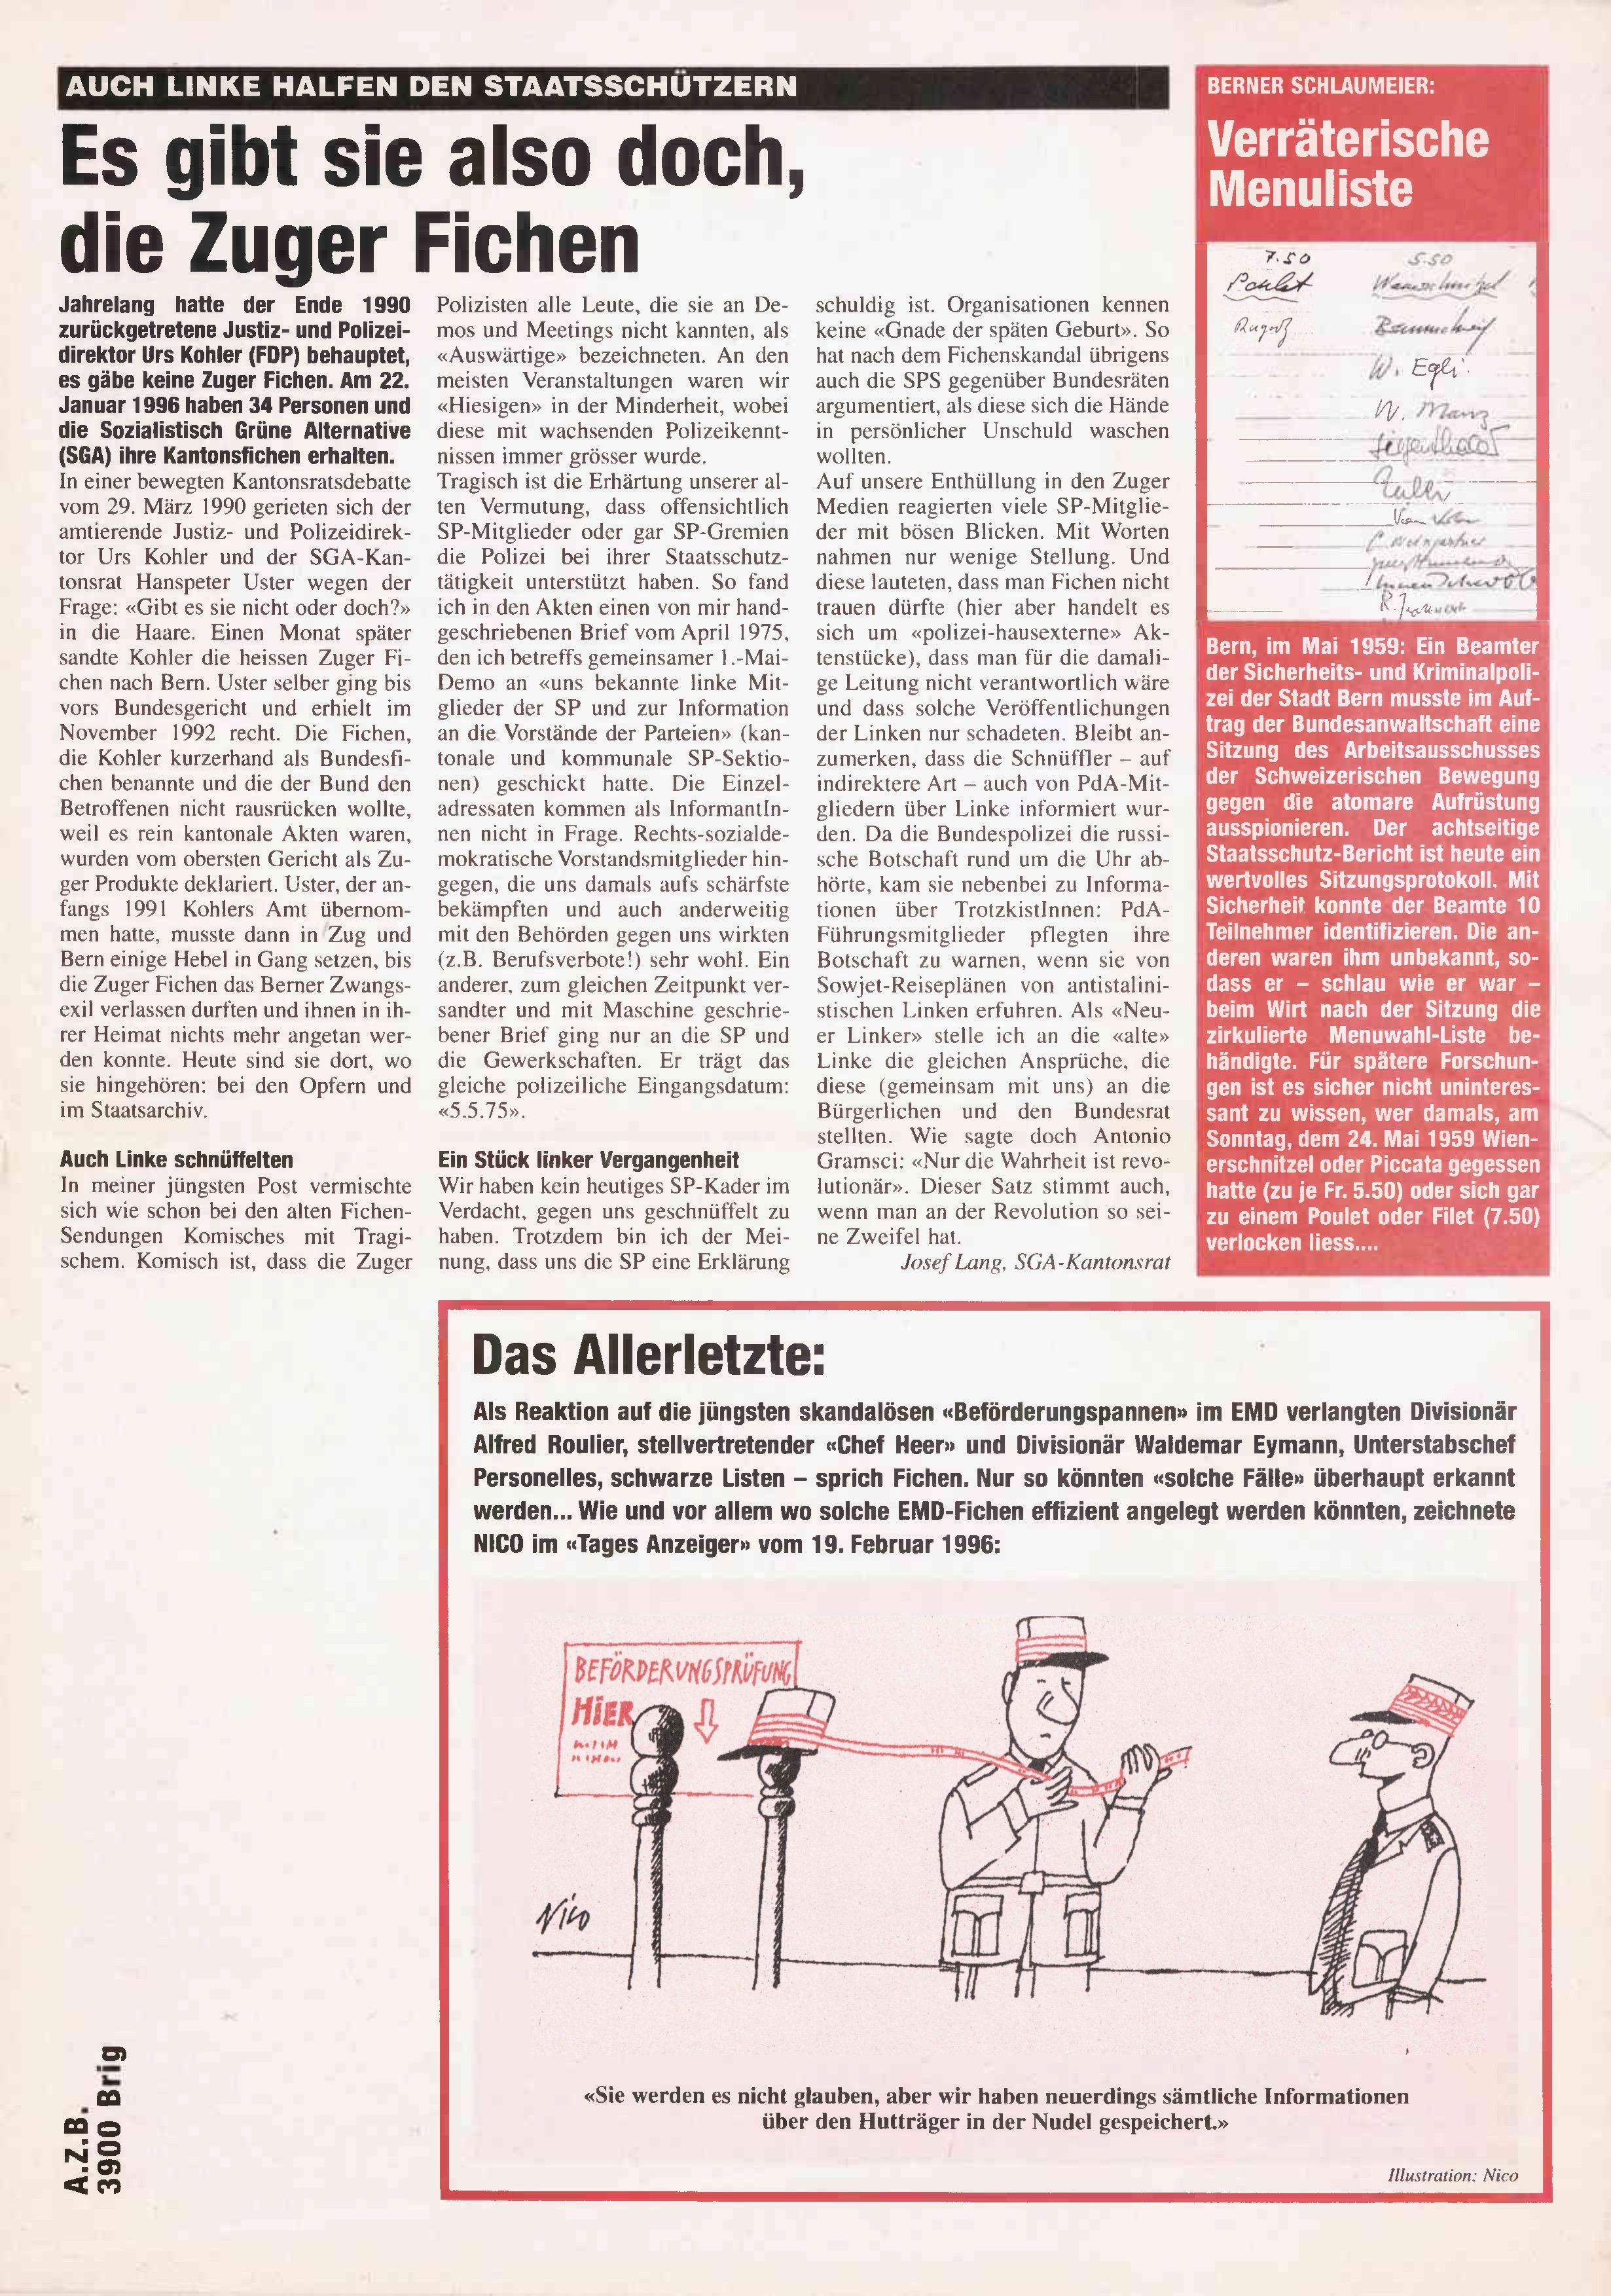 FICHEN FRITZ NR. 24 - SEITE 8